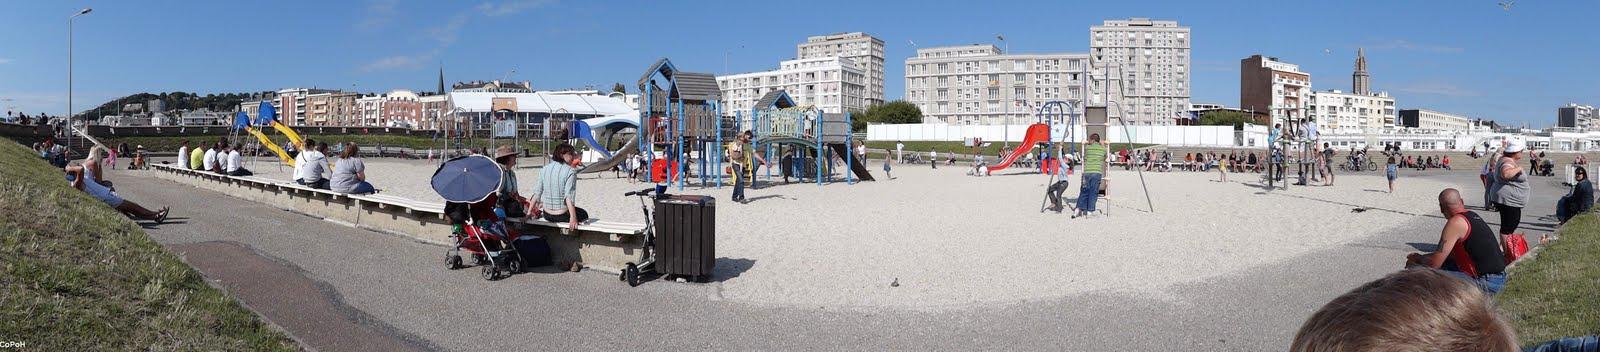 CoPoH Vue Panoramique jeux plage Le Havre